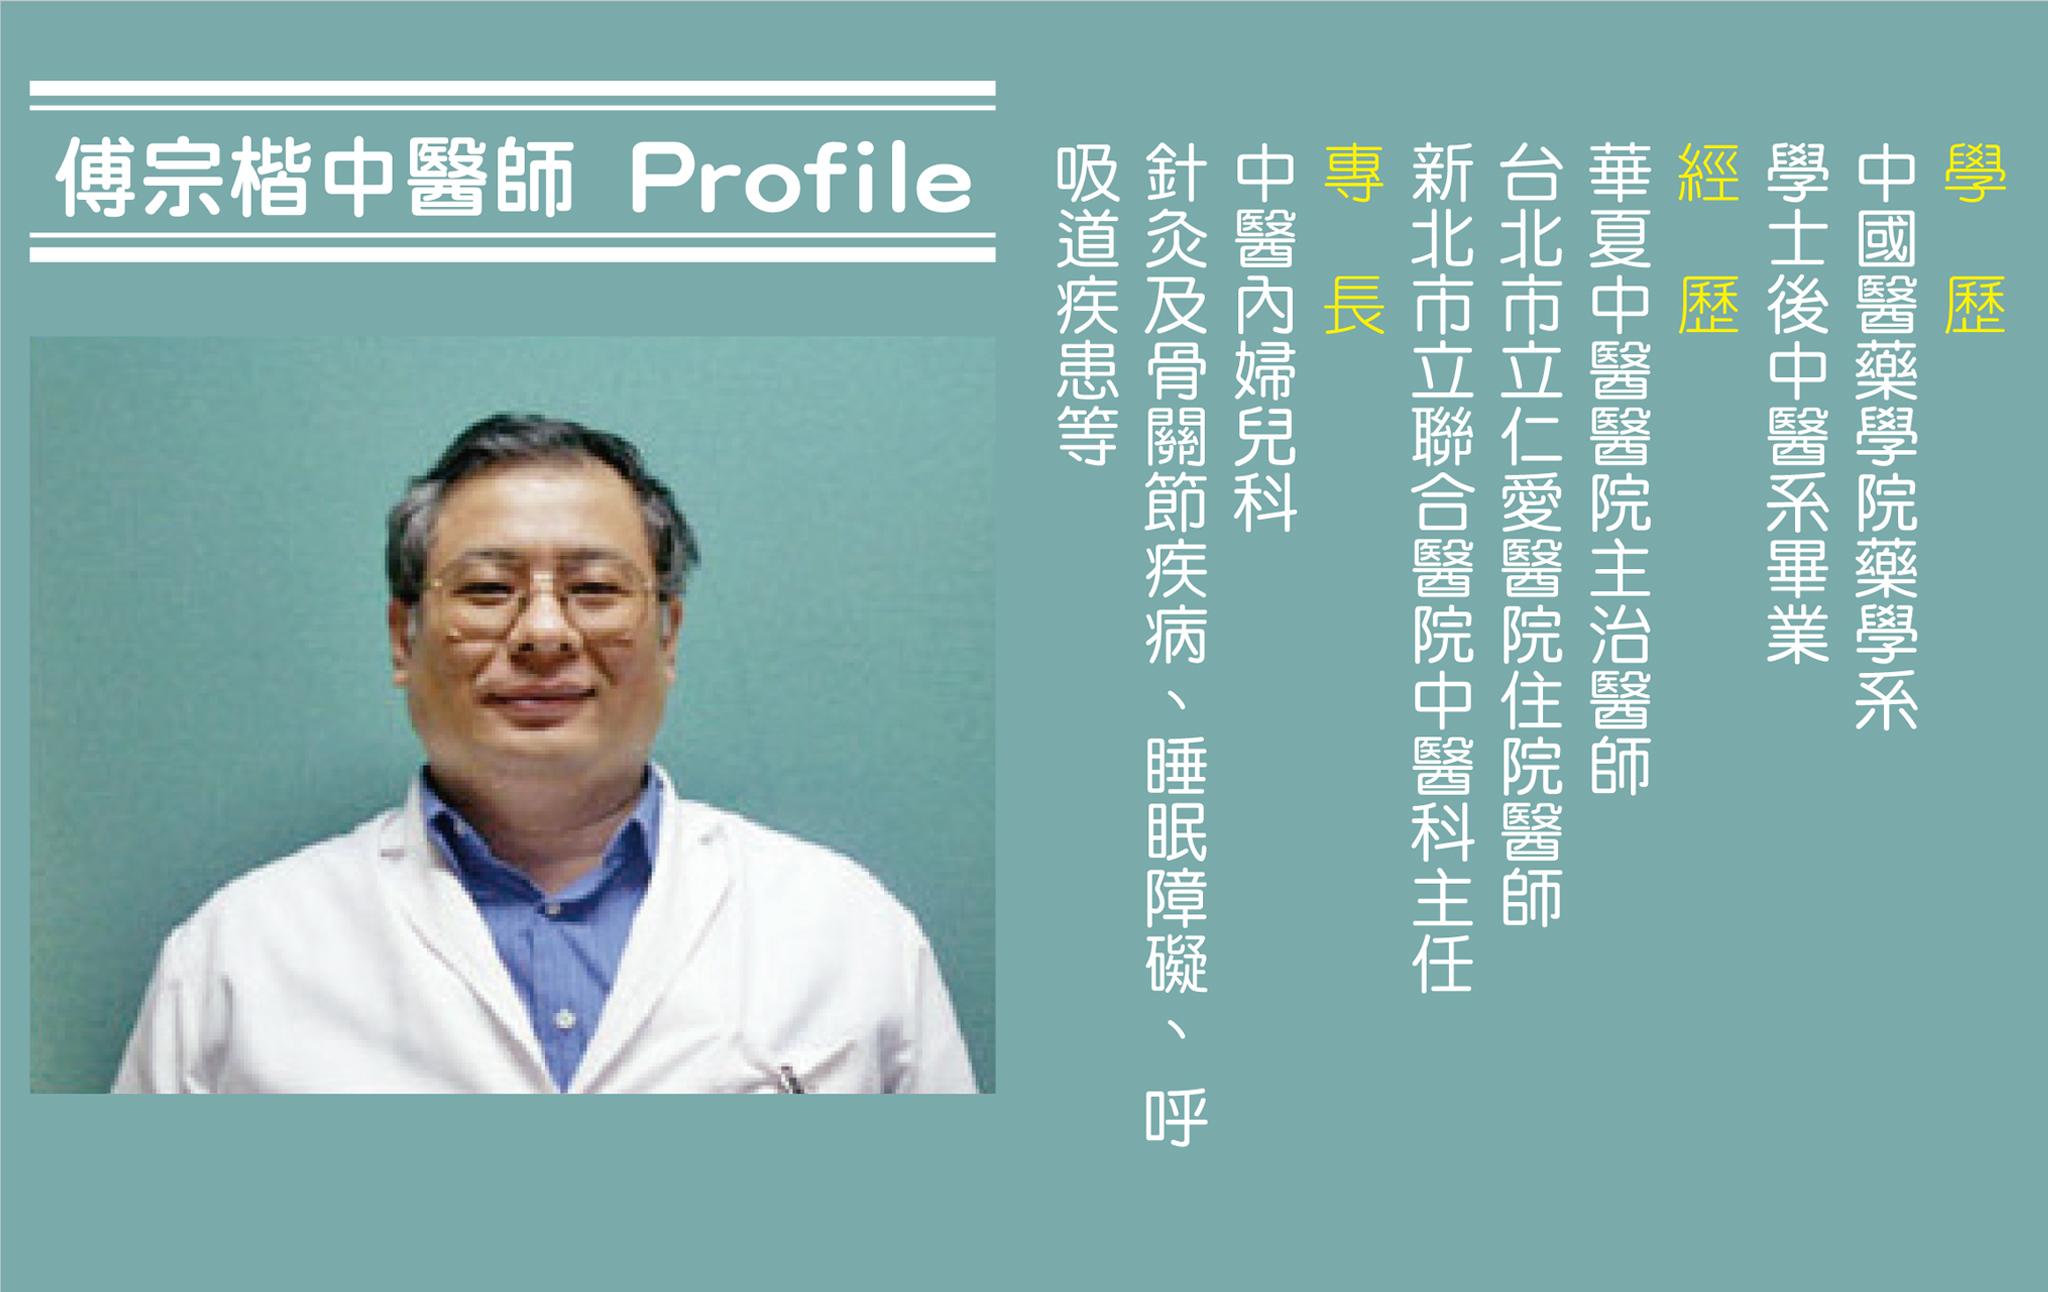 傅宗楷中醫師專業學經歷。